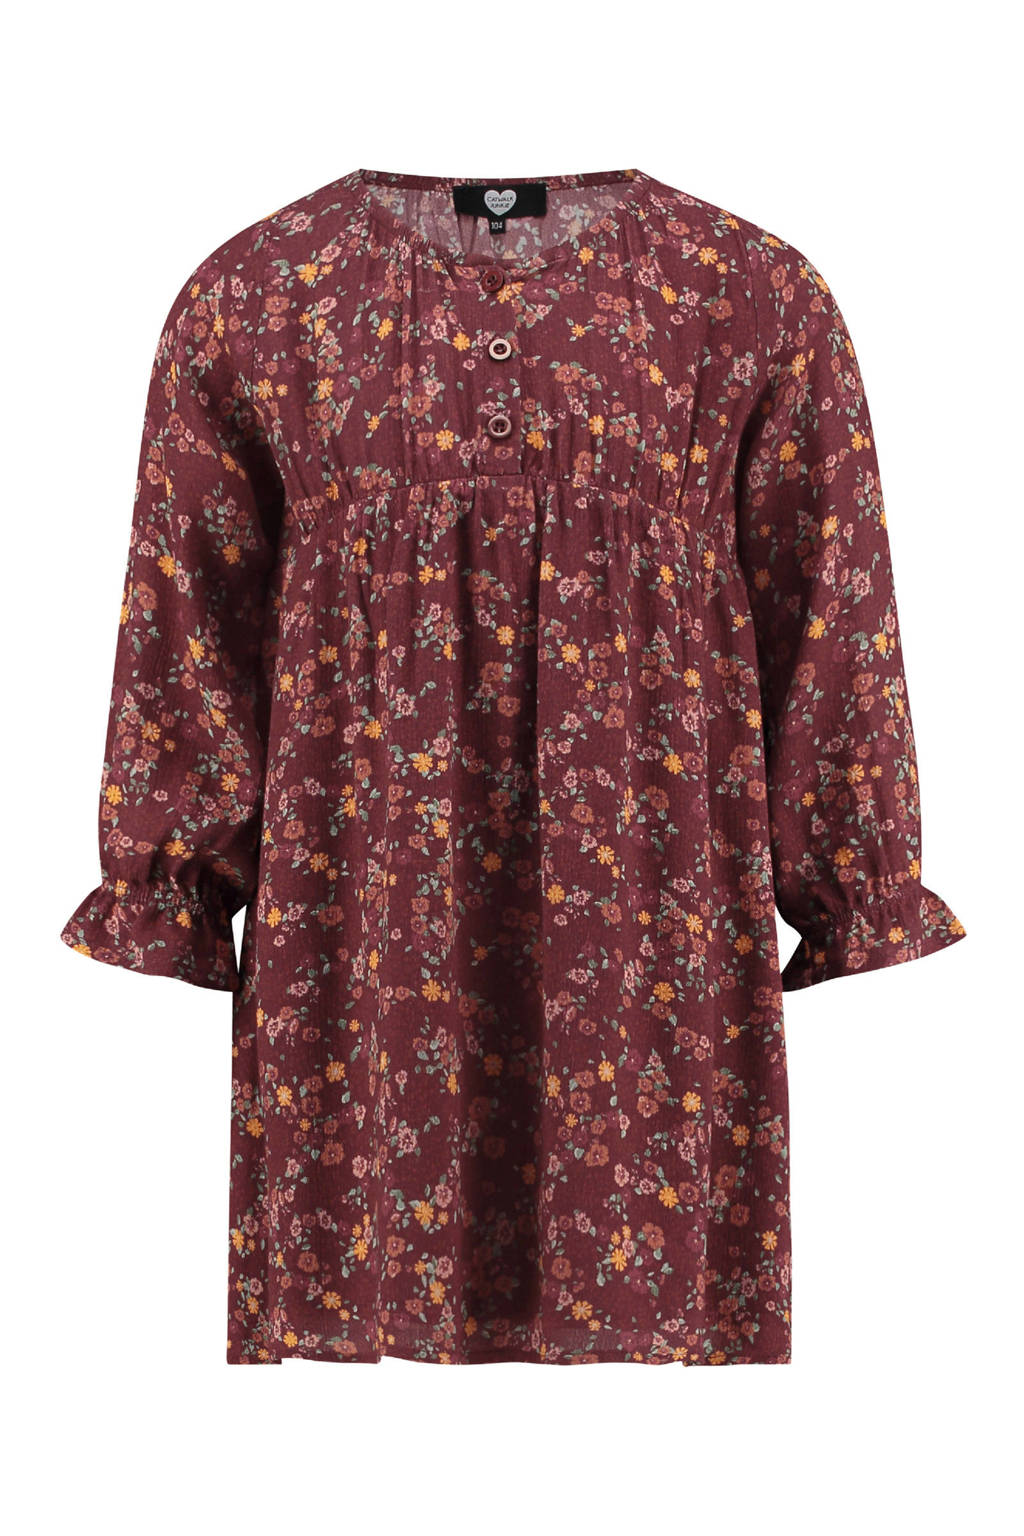 Catwalk Junkie x Huismuts gebloemde jurk rood, Donkerrood